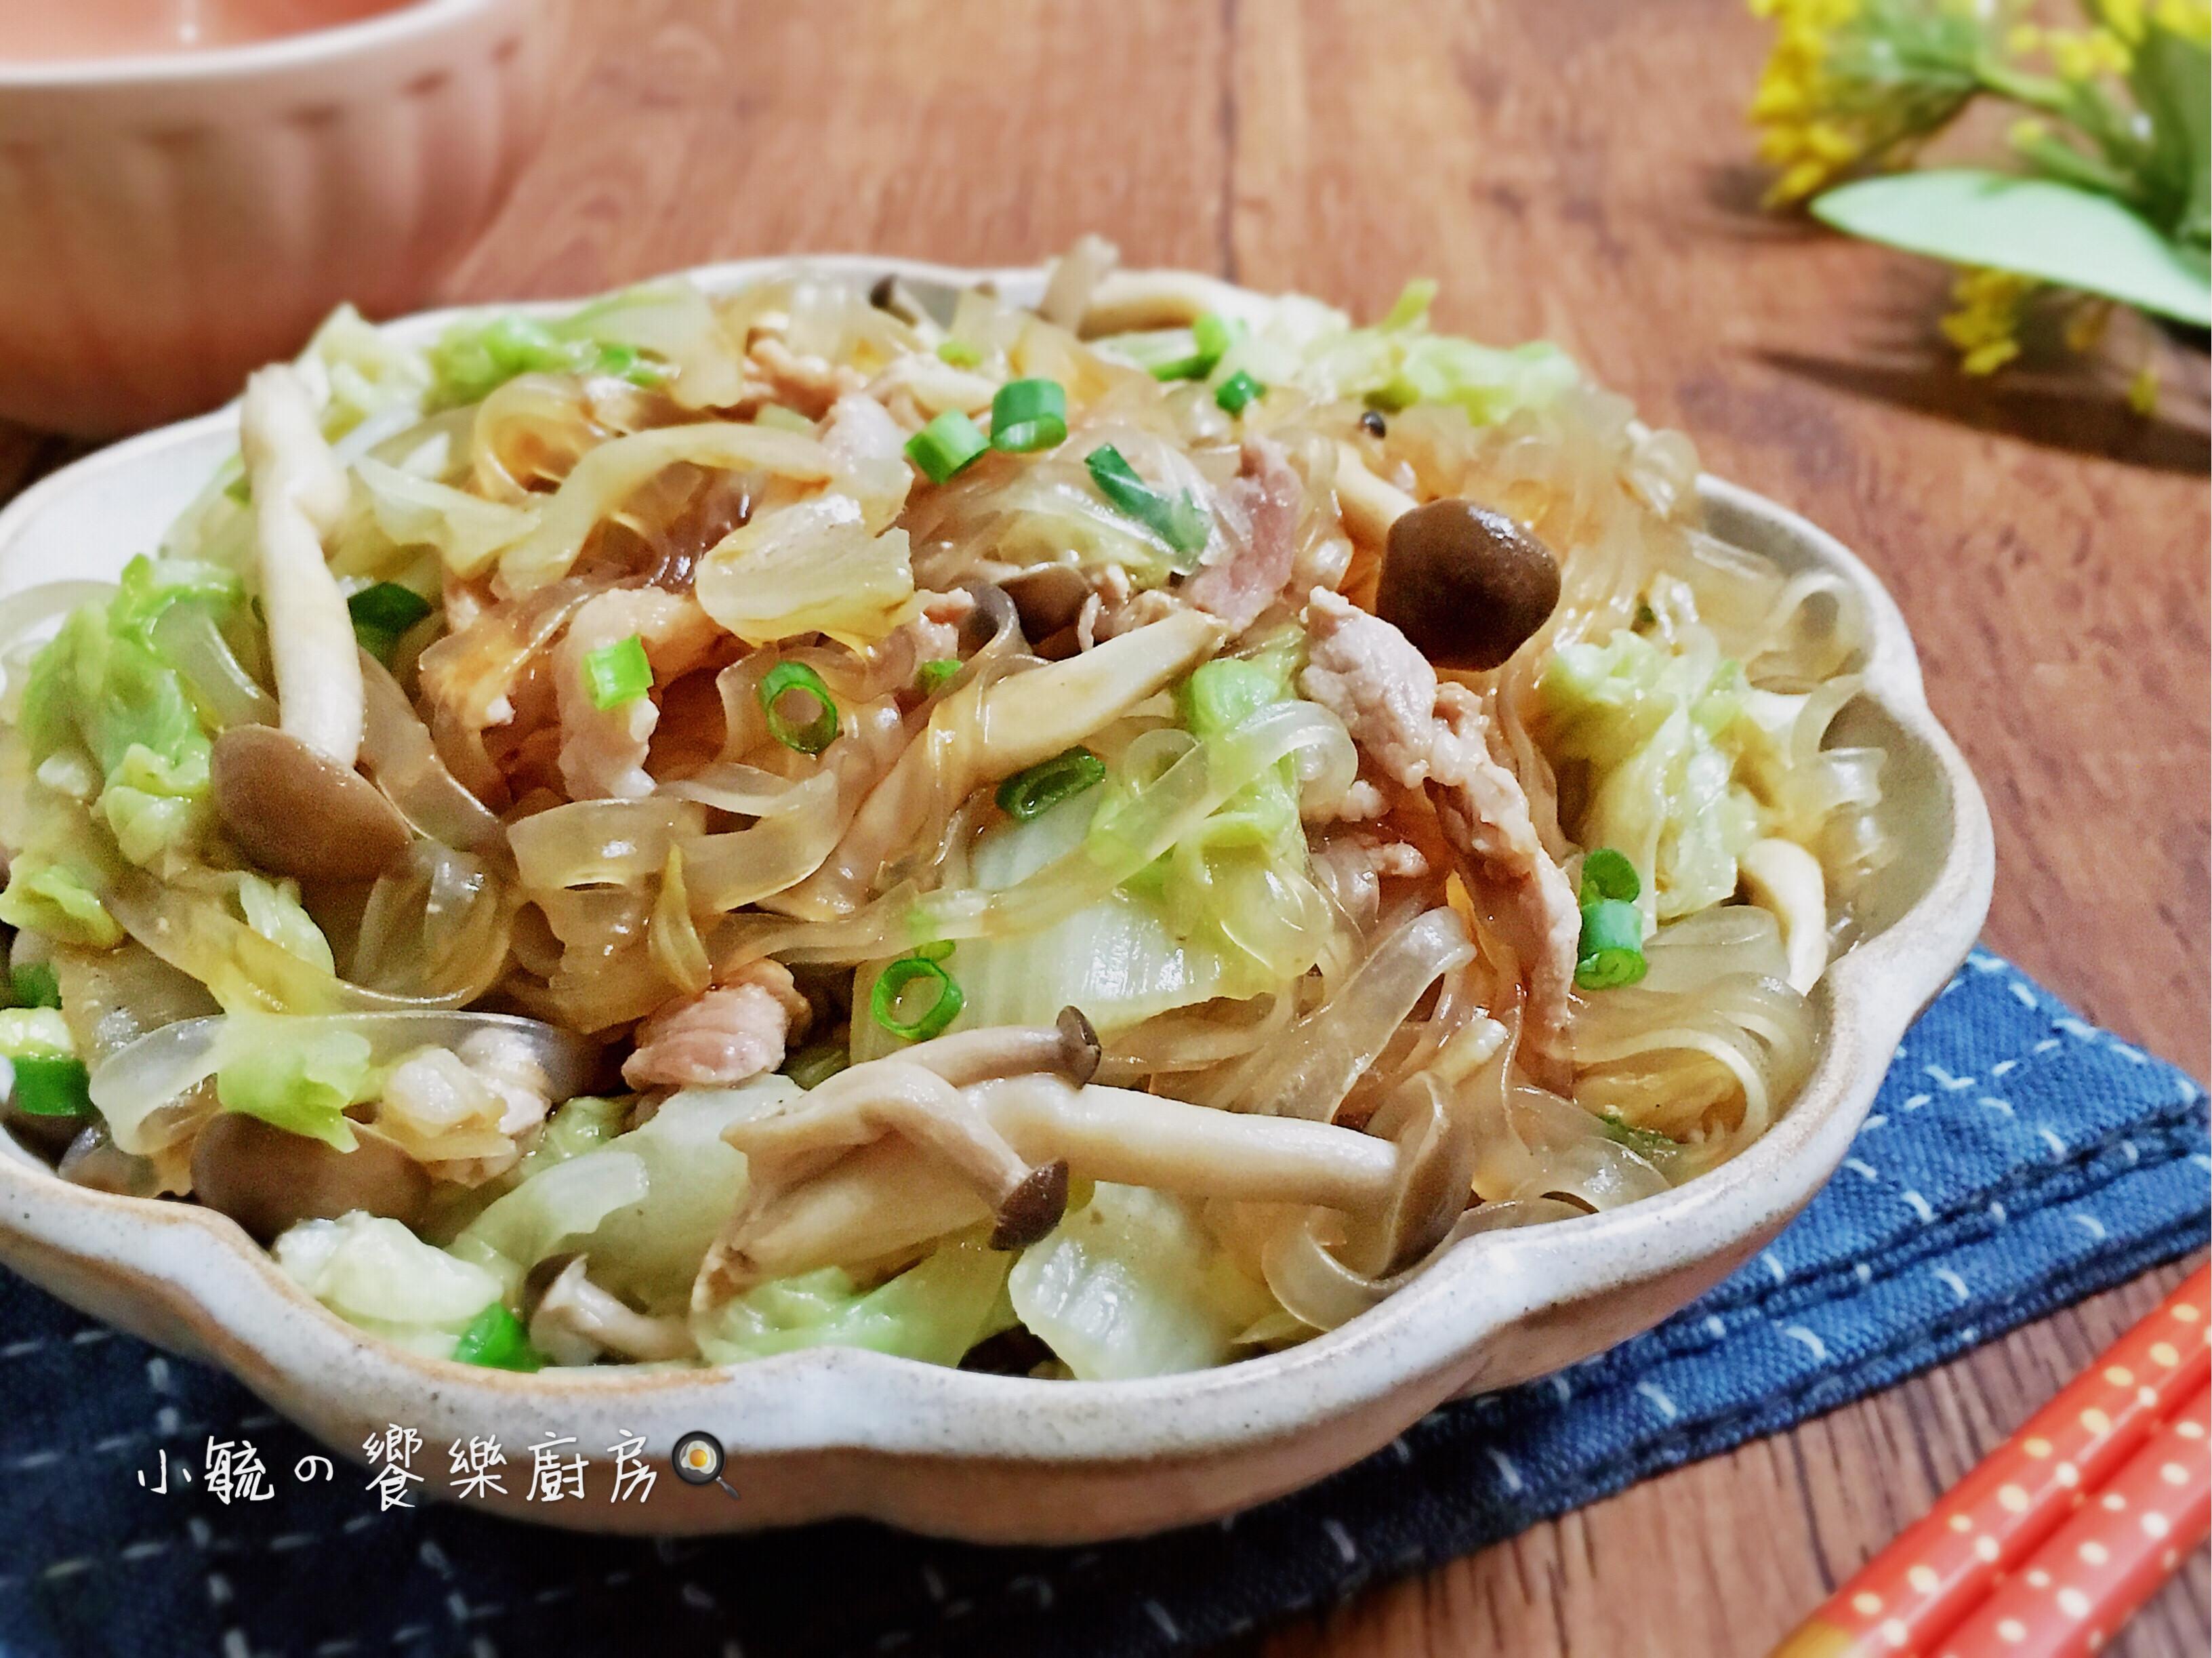 白菜鮮菇寬粉